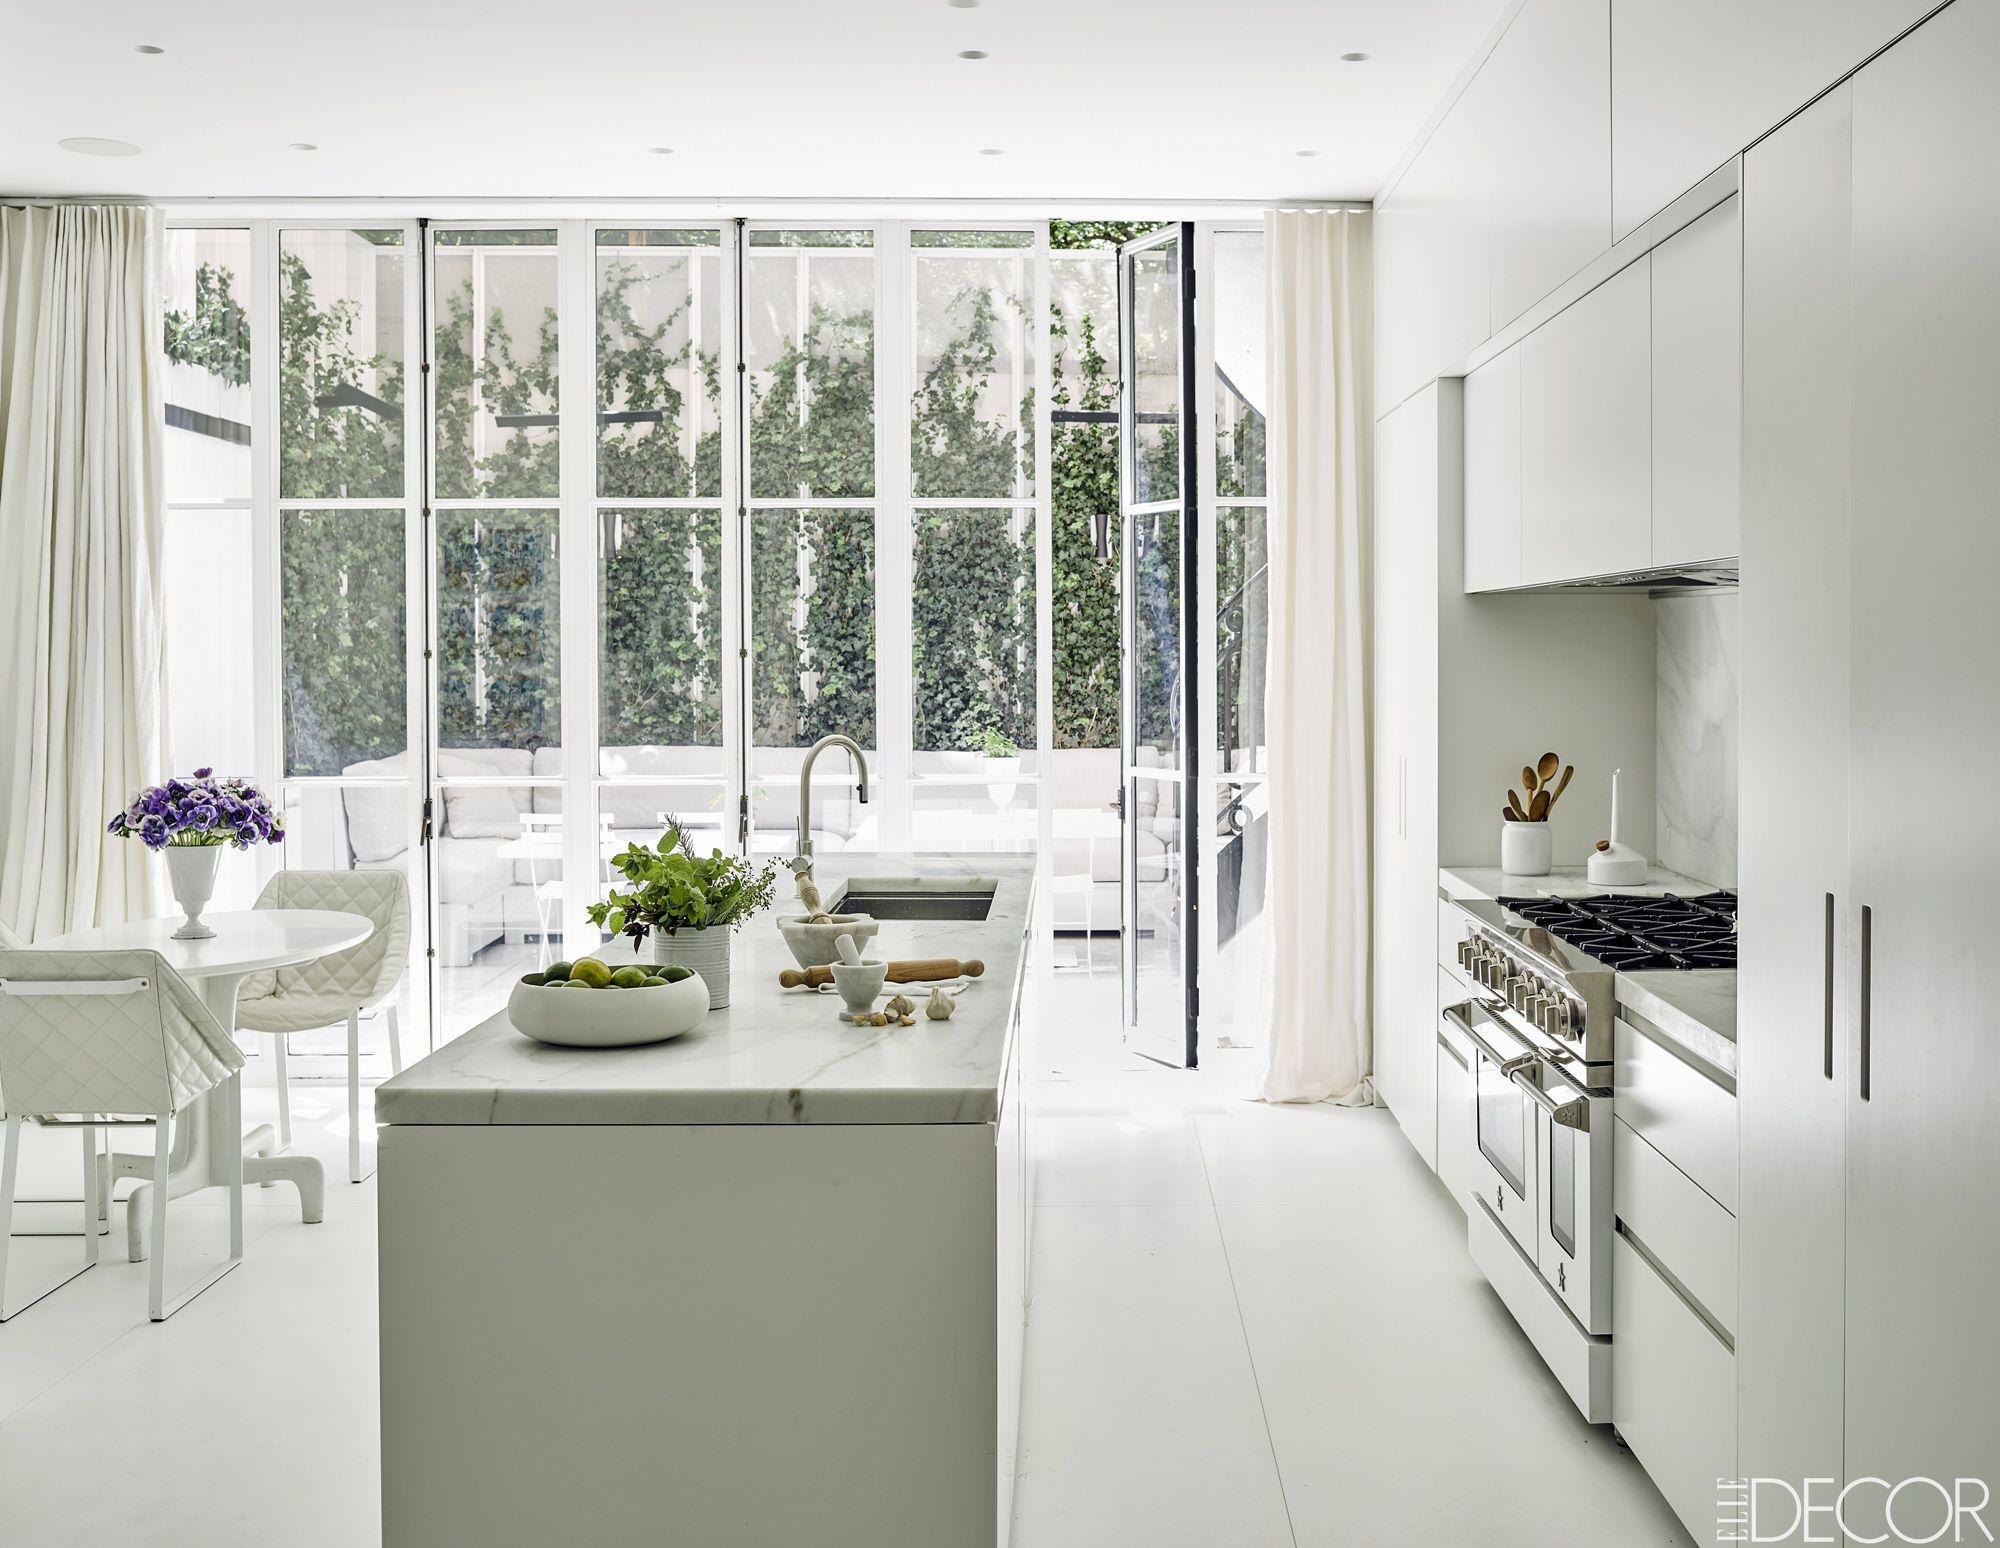 25 minimalist kitchen design ideas pictures of minimalism styled rh elledecor com